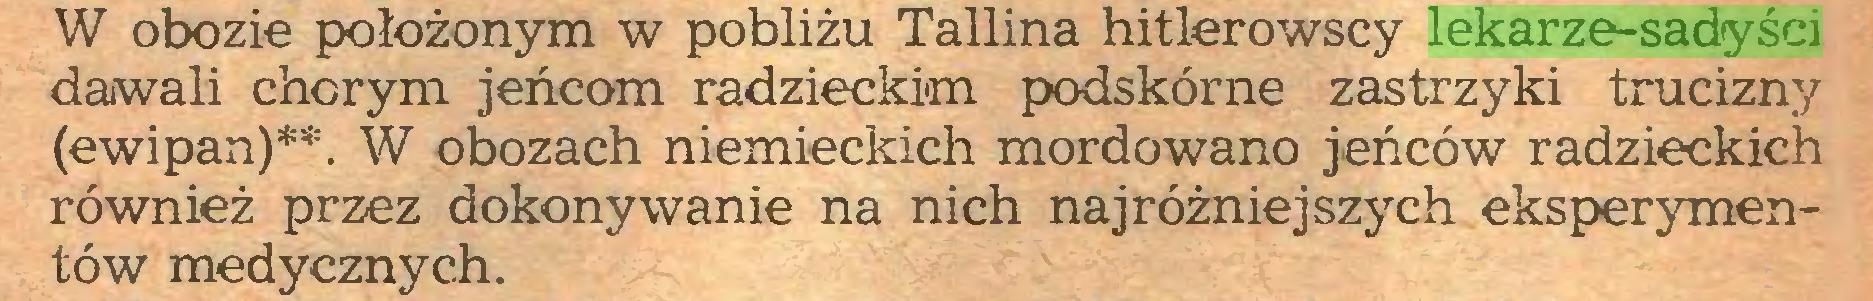 (...) W obozie położonym w pobliżu Tallina hitlerowscy lekarze-sadyści dawali chorym jeńcom radzieckim podskórne zastrzyki trucizny (ewipan)**. W obozach niemieckich mordowano jeńców radzieckich również przez dokonywanie na nich najróżniejszych eksperymentów medycznych...